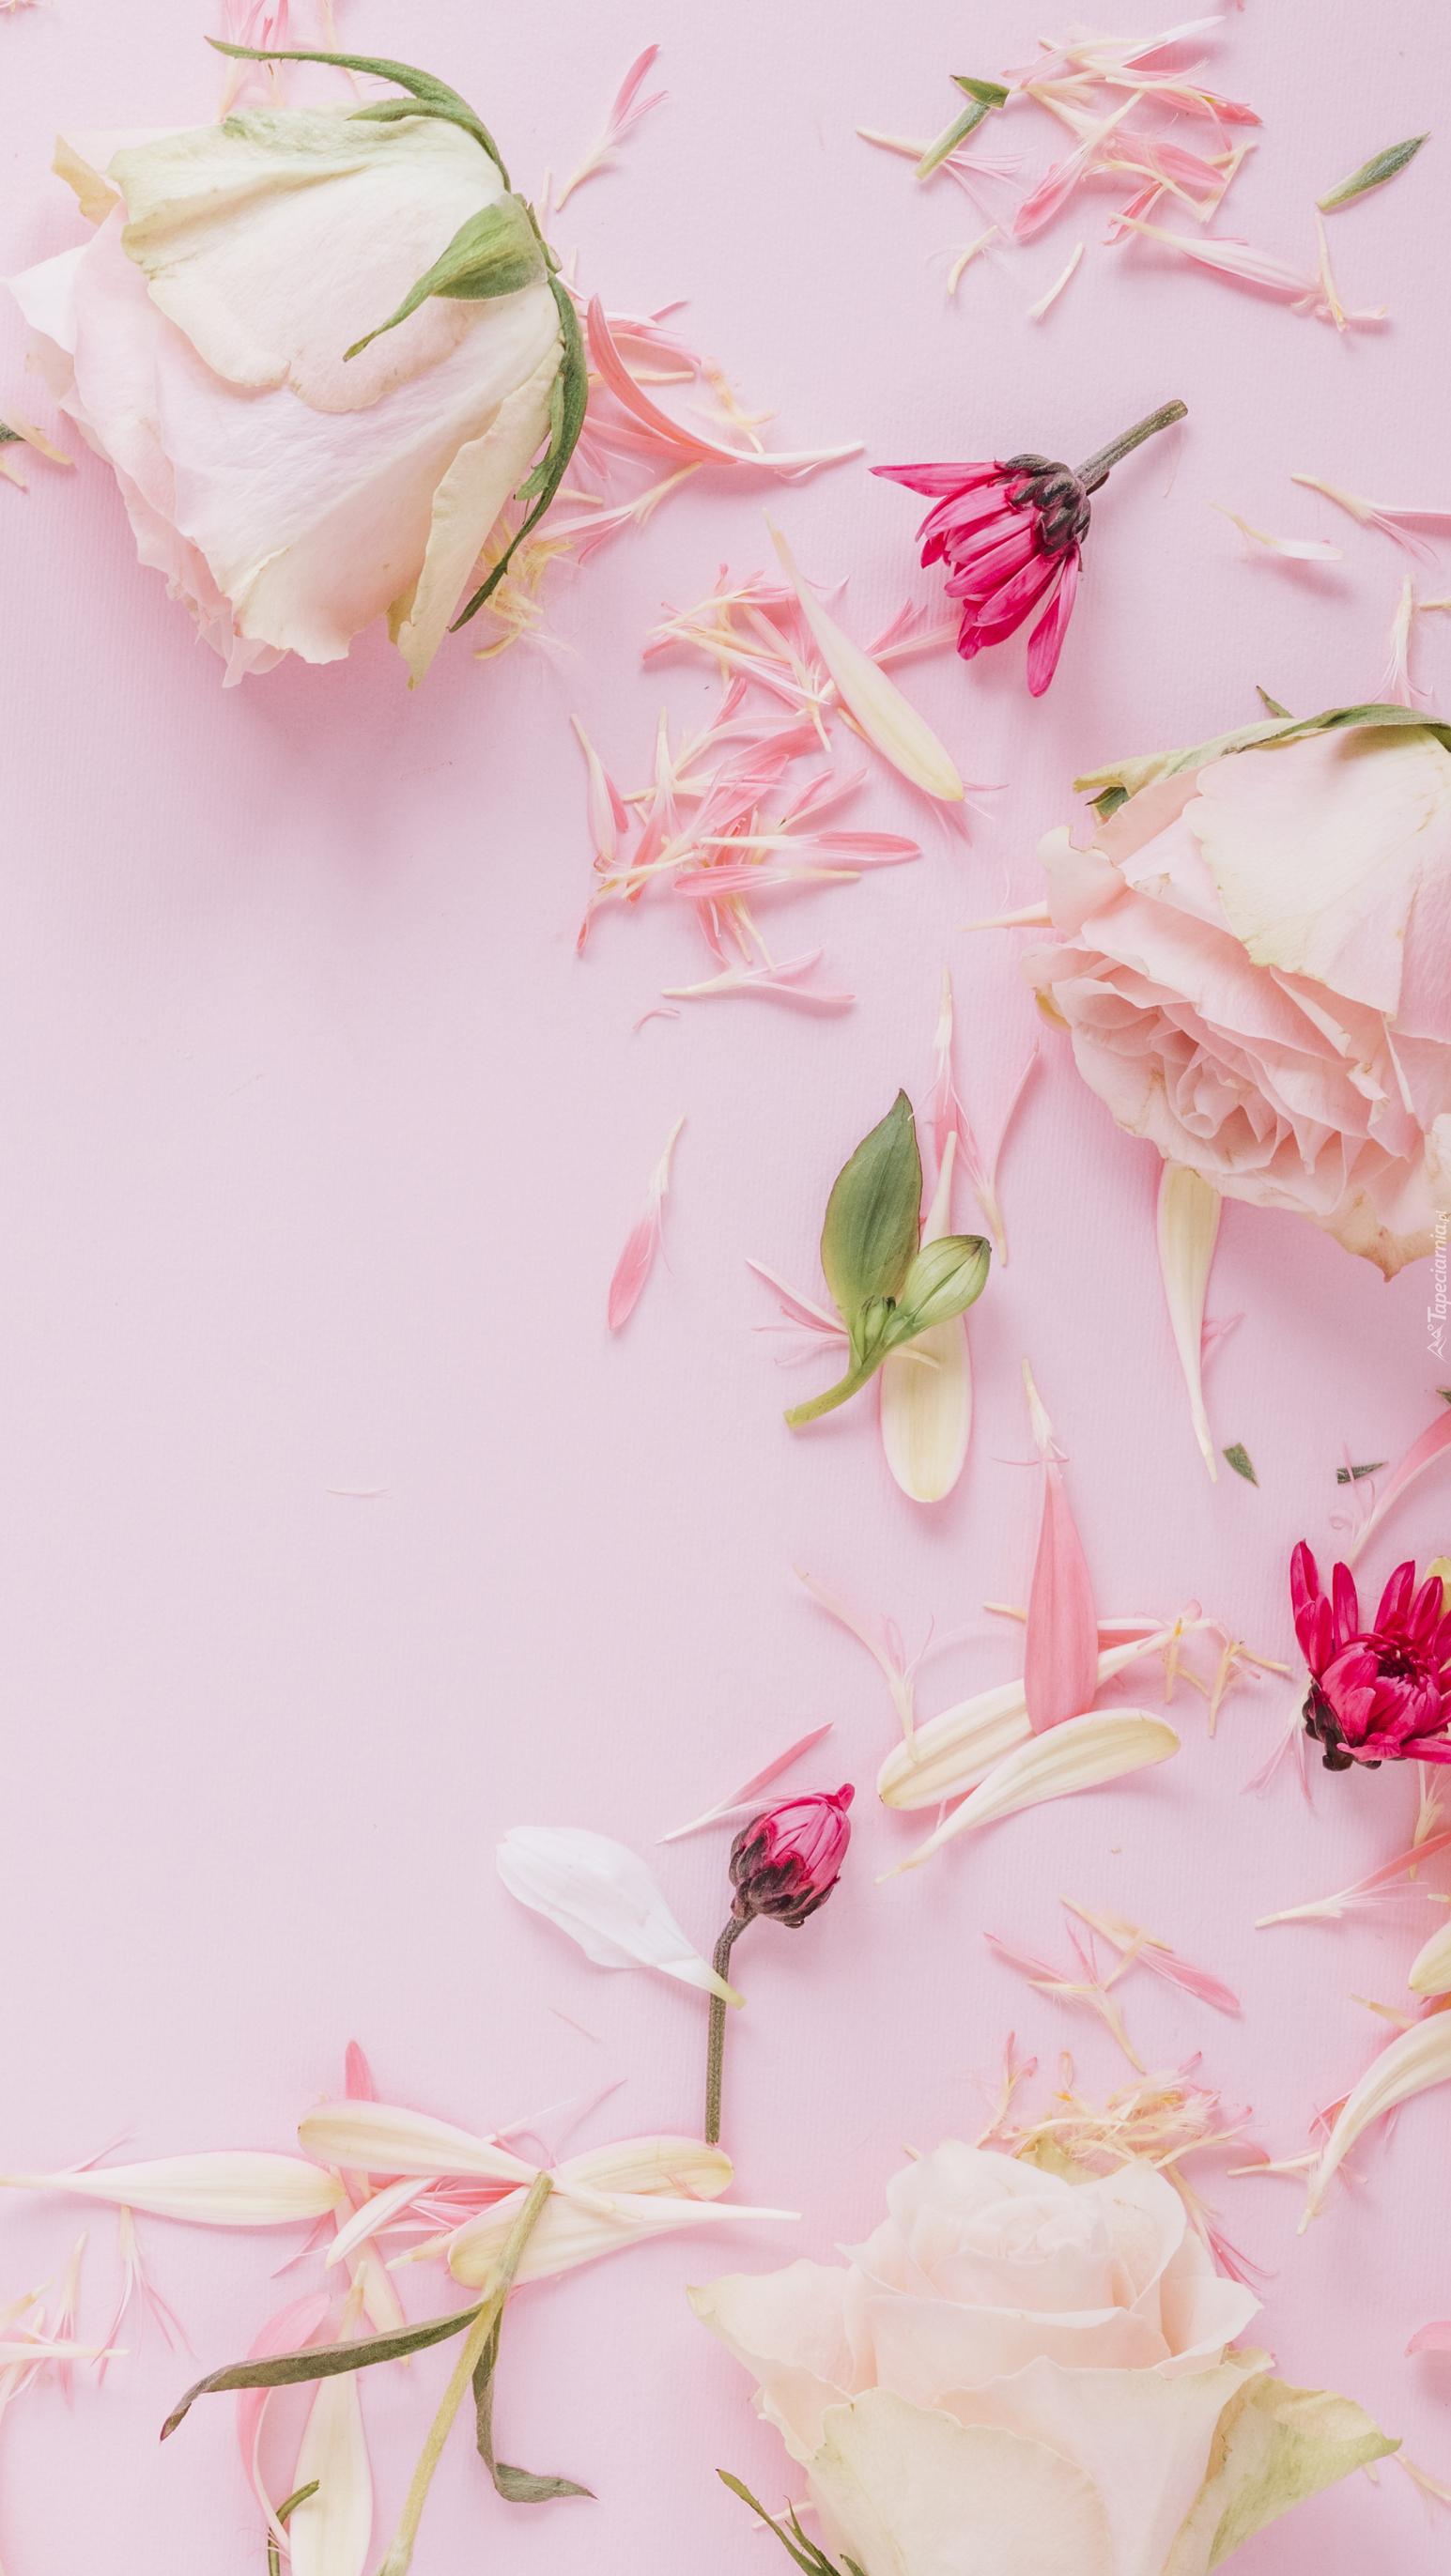 Róże i rozsypane płatki